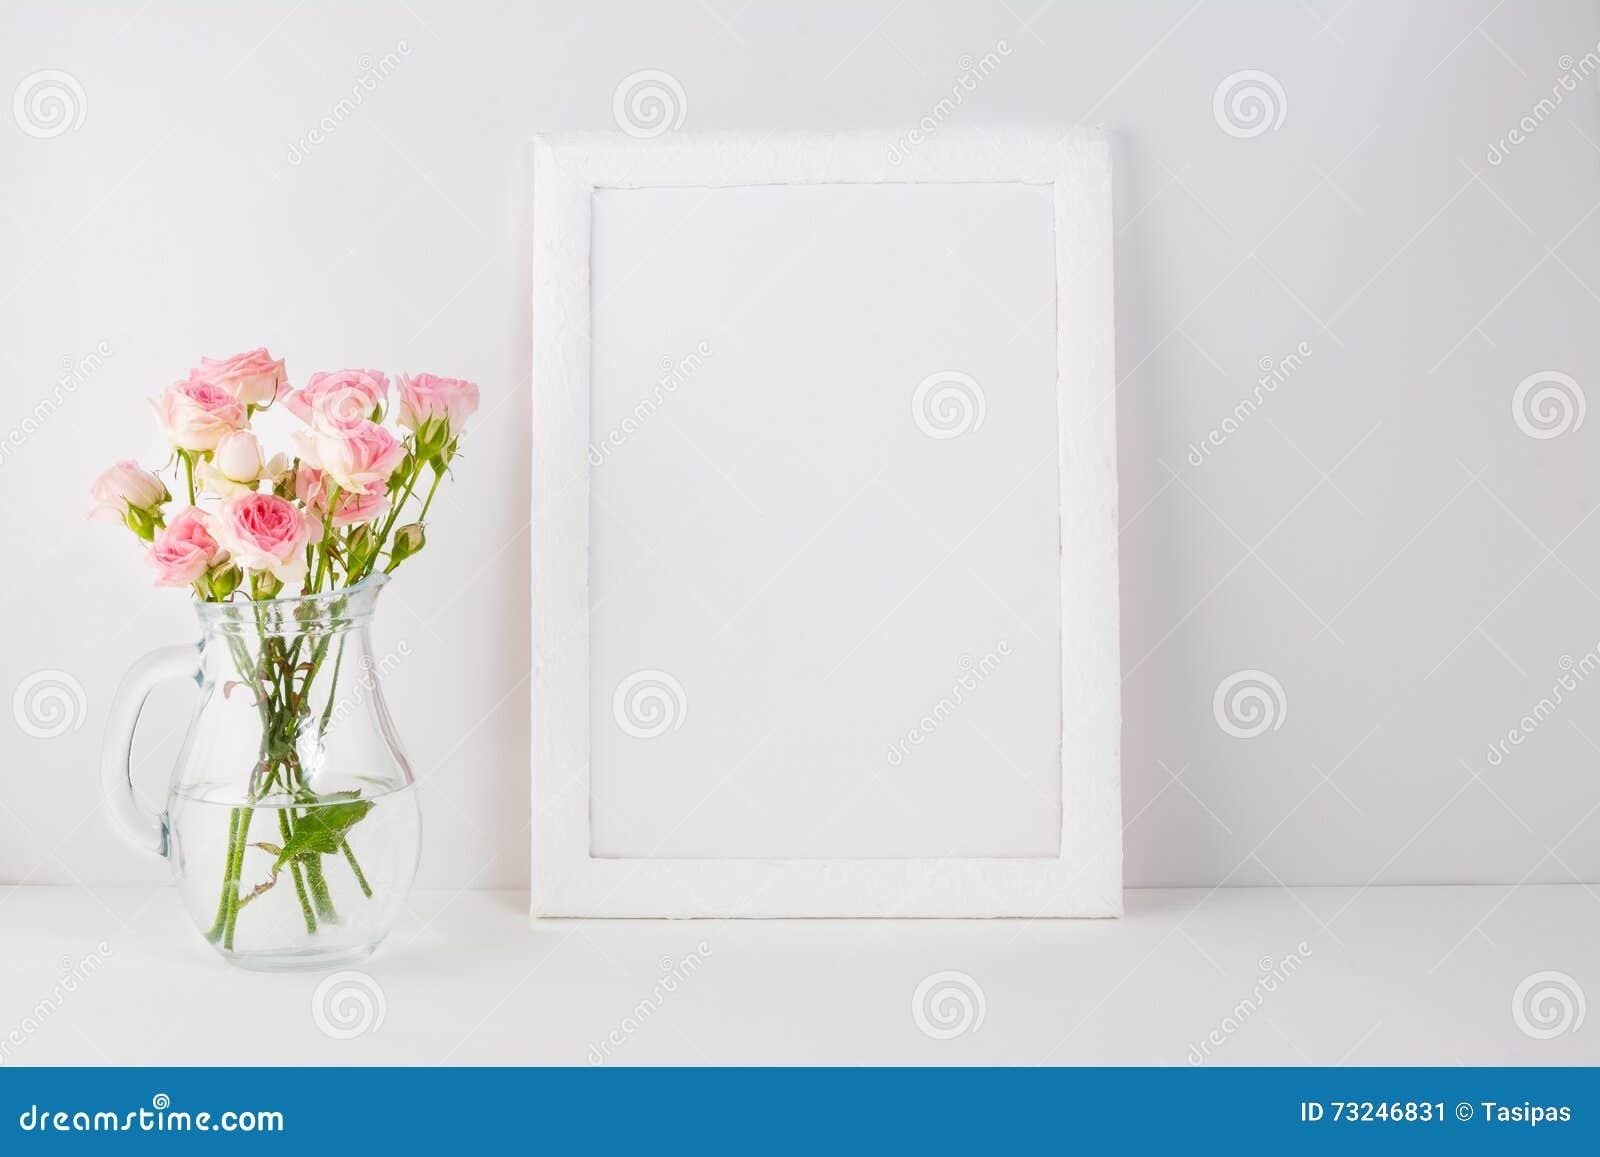 Feldmodell mit rosa Rosen